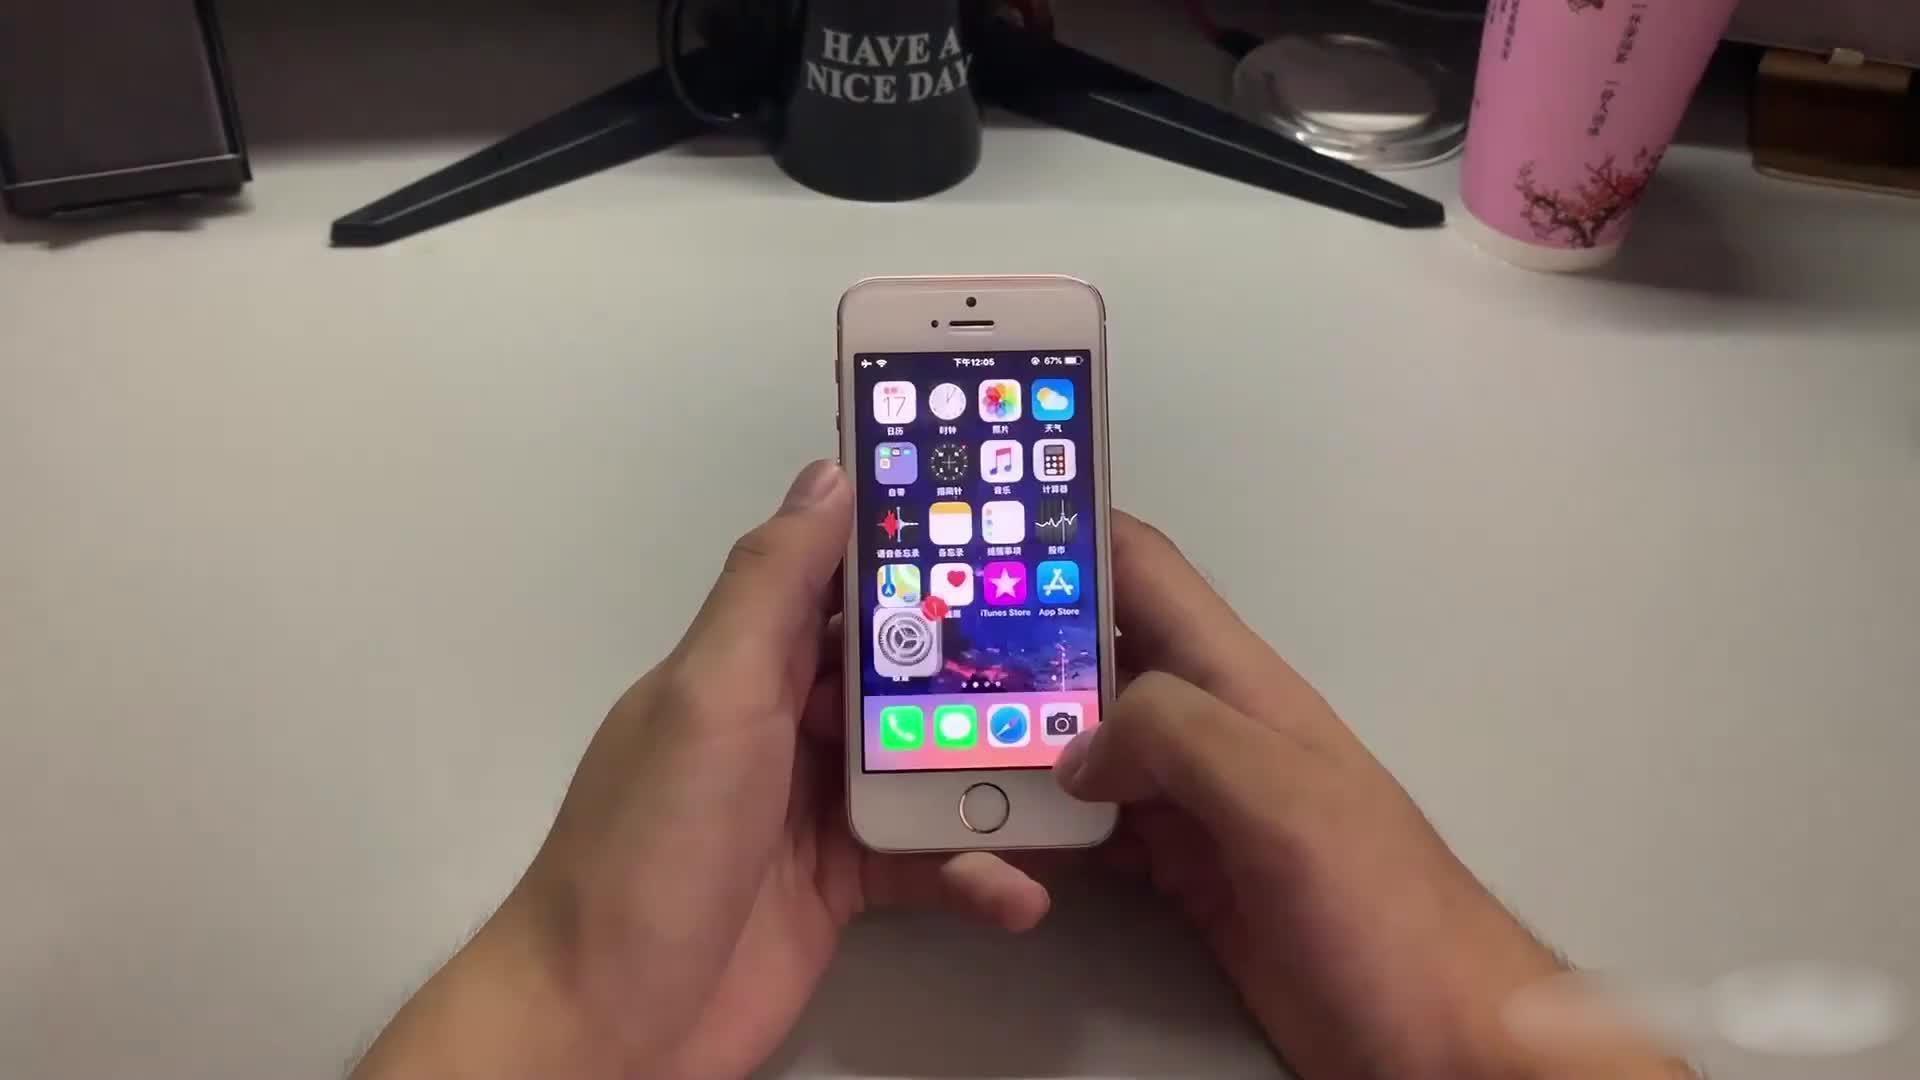 400元的iPhone SE开箱 开机的那一瞬间 感觉这次有点吃亏